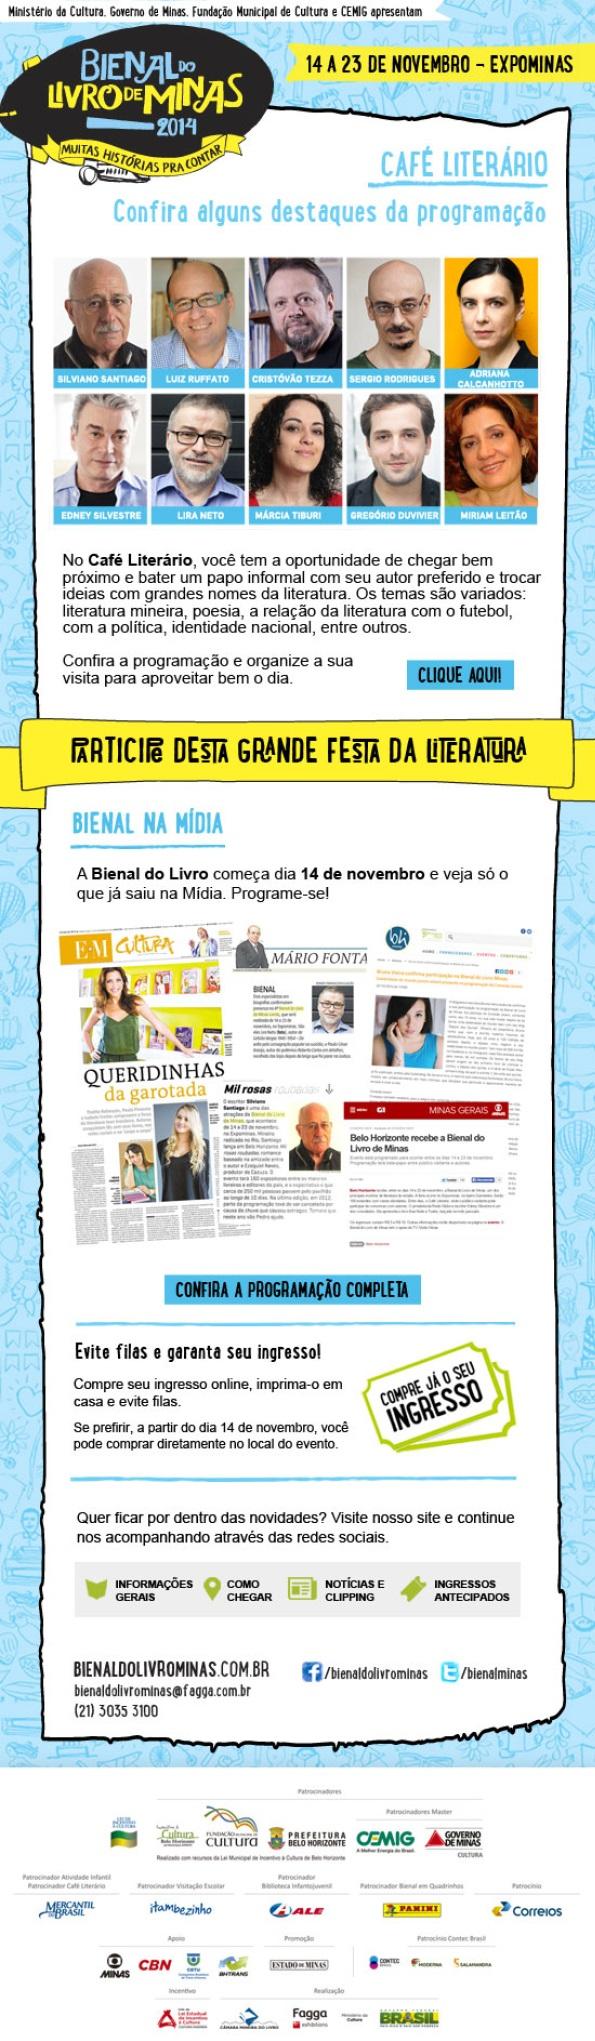 Bienal do Livro de Minas